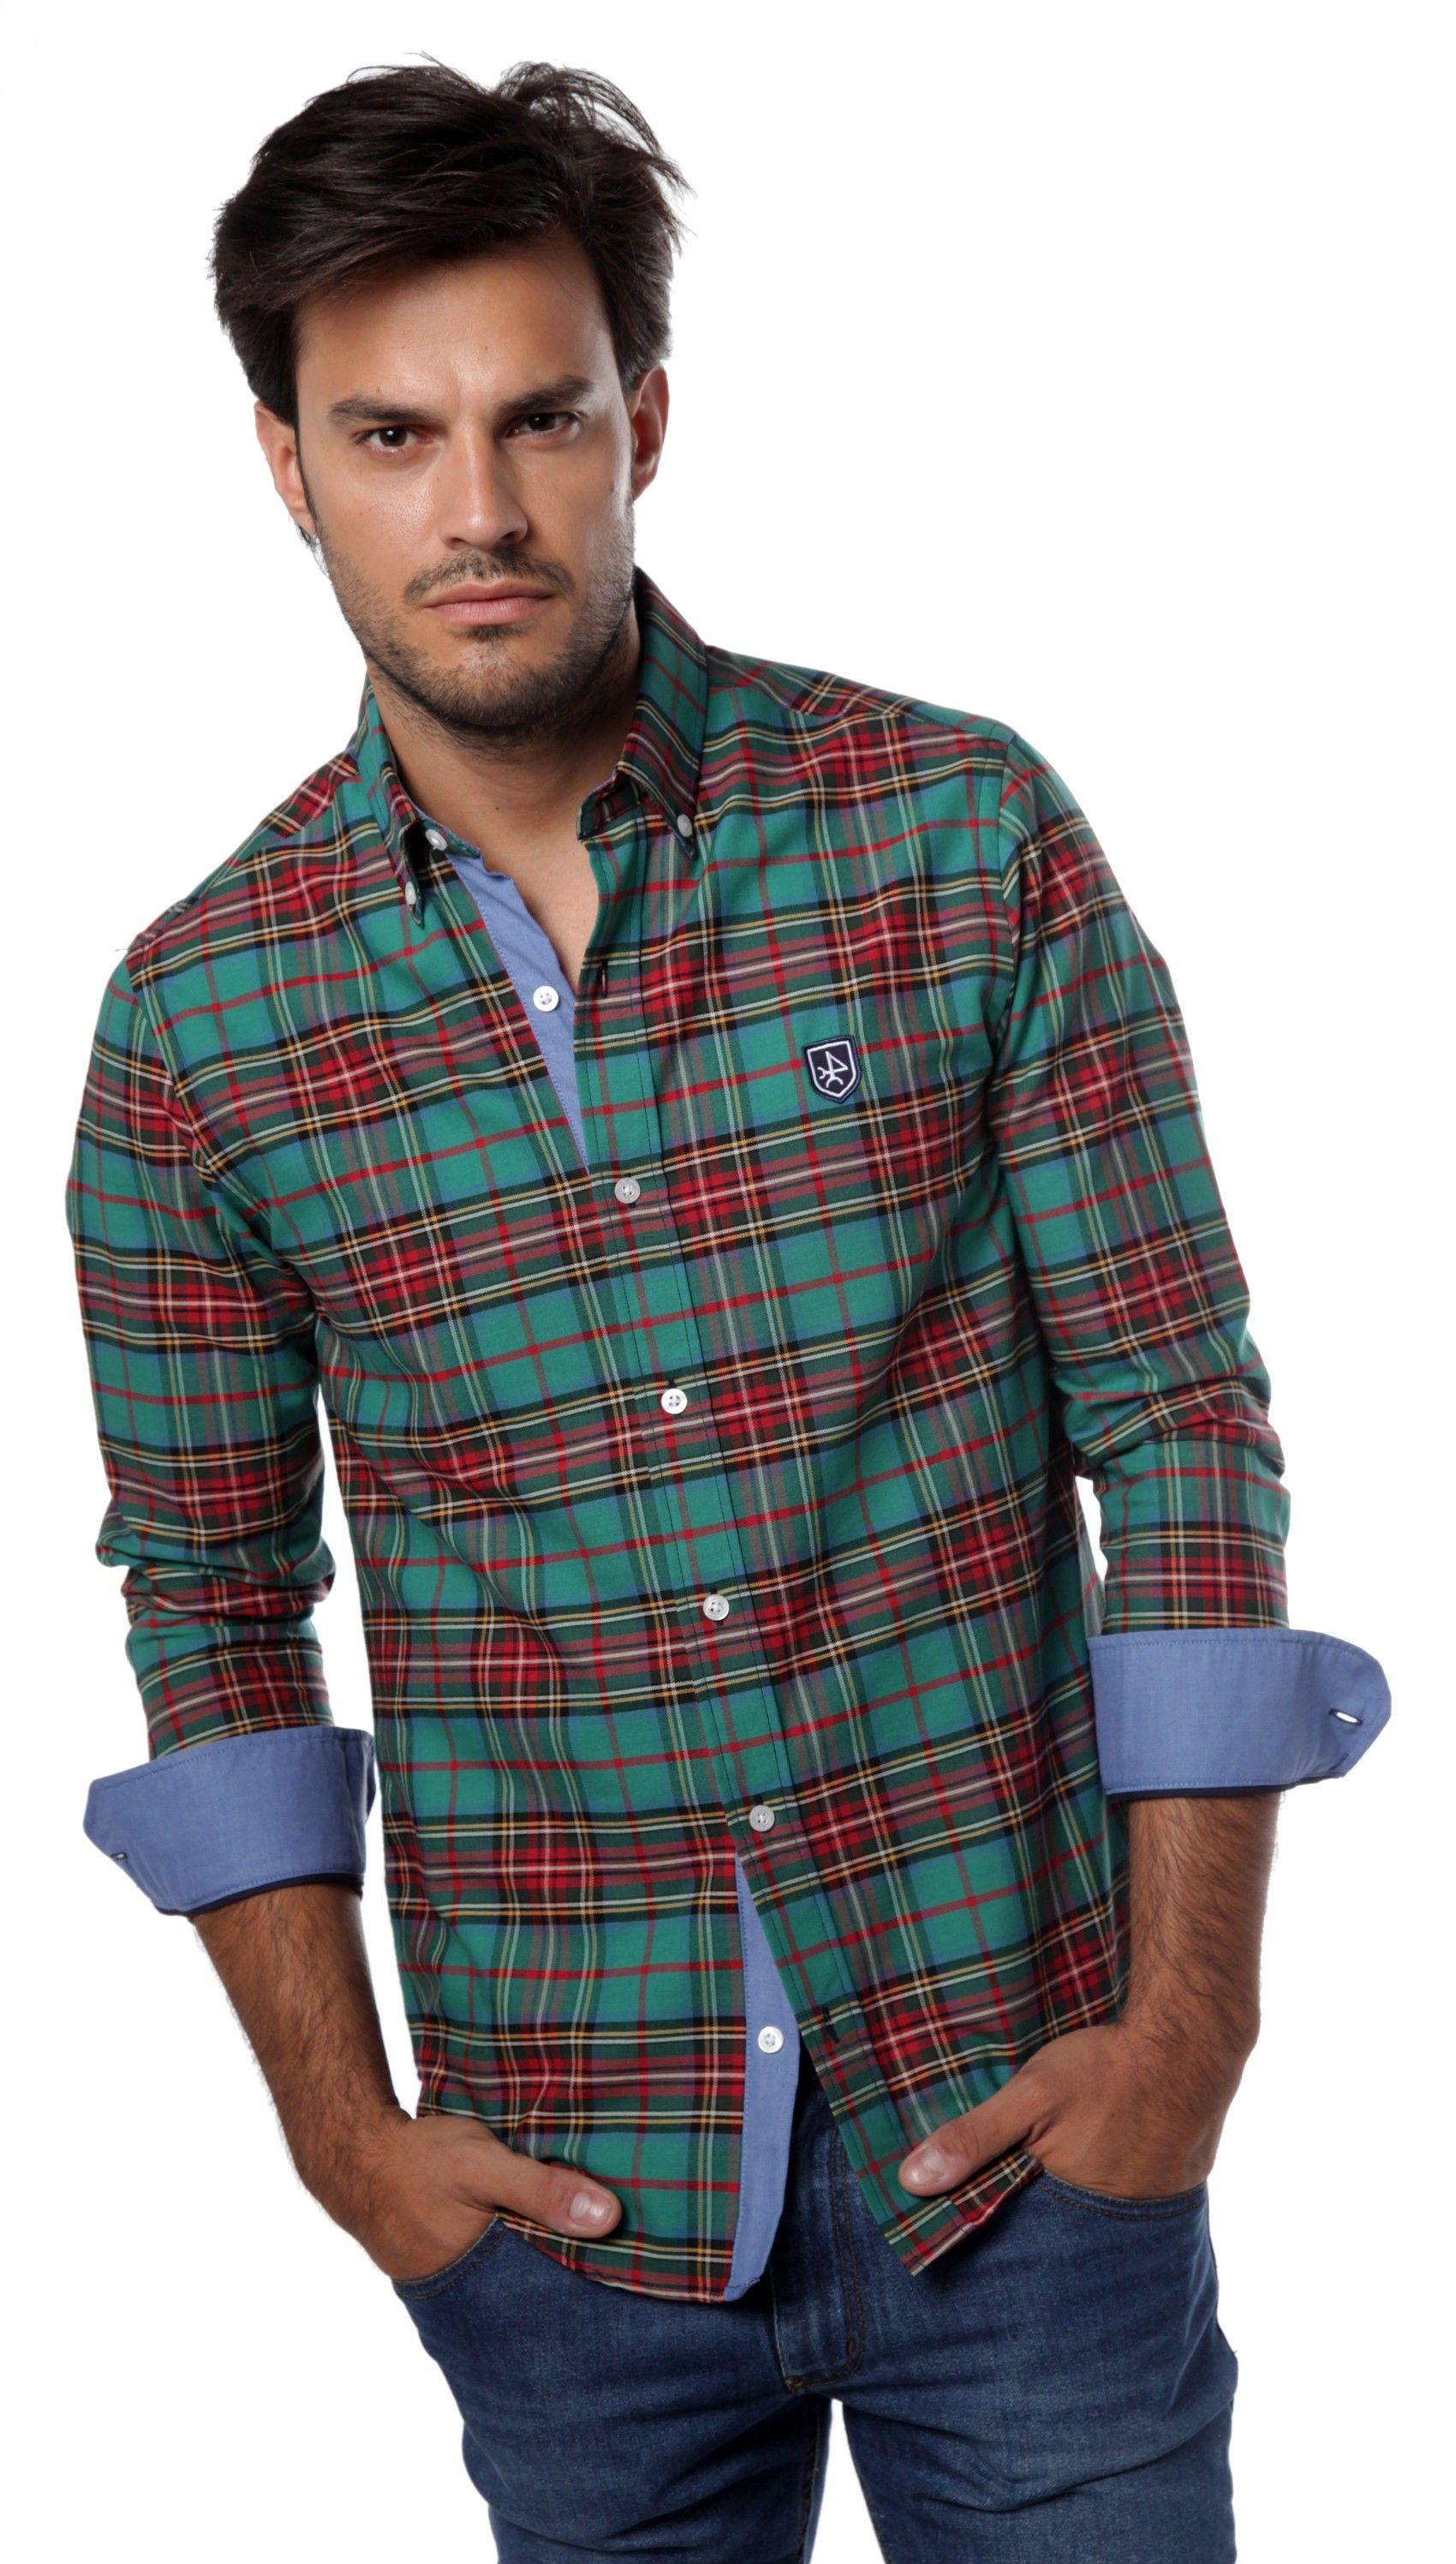 Camisa cuadros de hombre de colores verdes Valecuatro